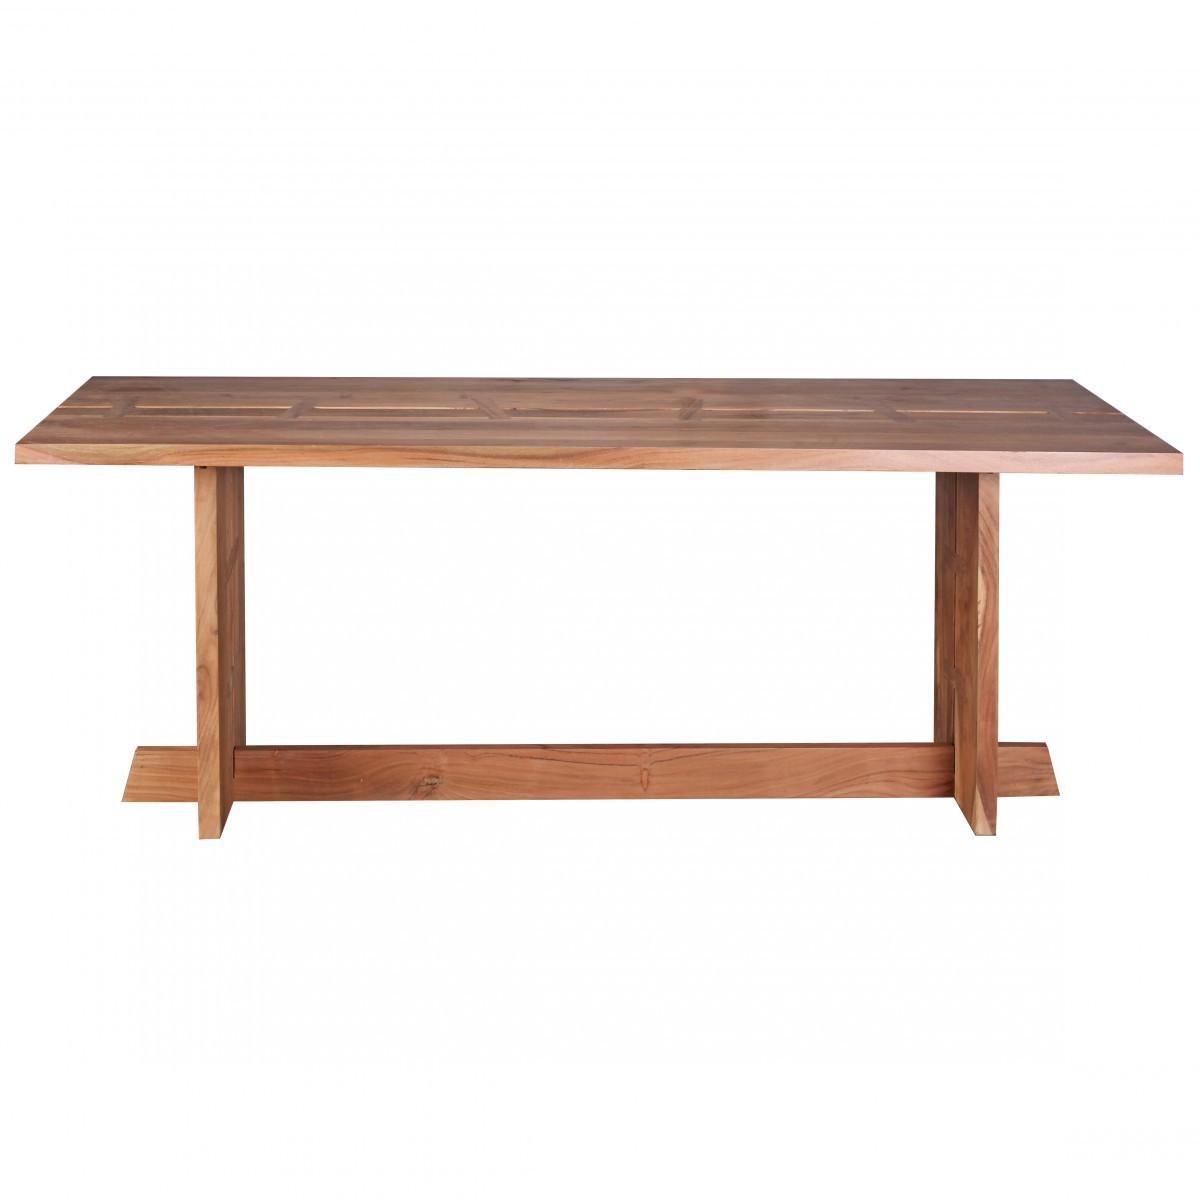 finebuy esstisch massivholz akazie 200 cm esszimmer tisch k chentisch design holztisch landhaus. Black Bedroom Furniture Sets. Home Design Ideas